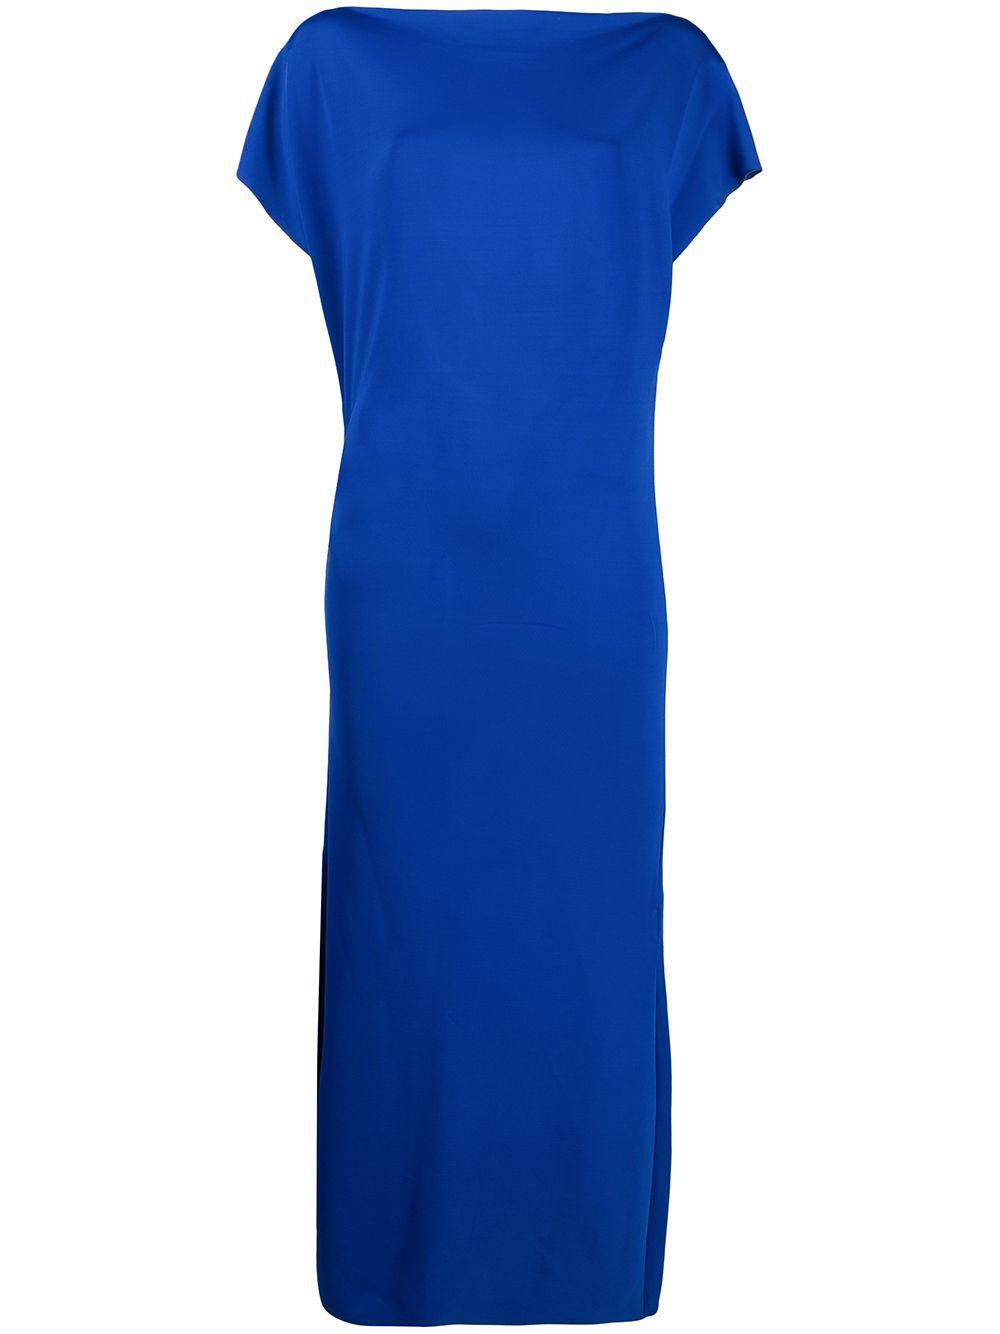 SPORTMAX | Dress | CECILIA003